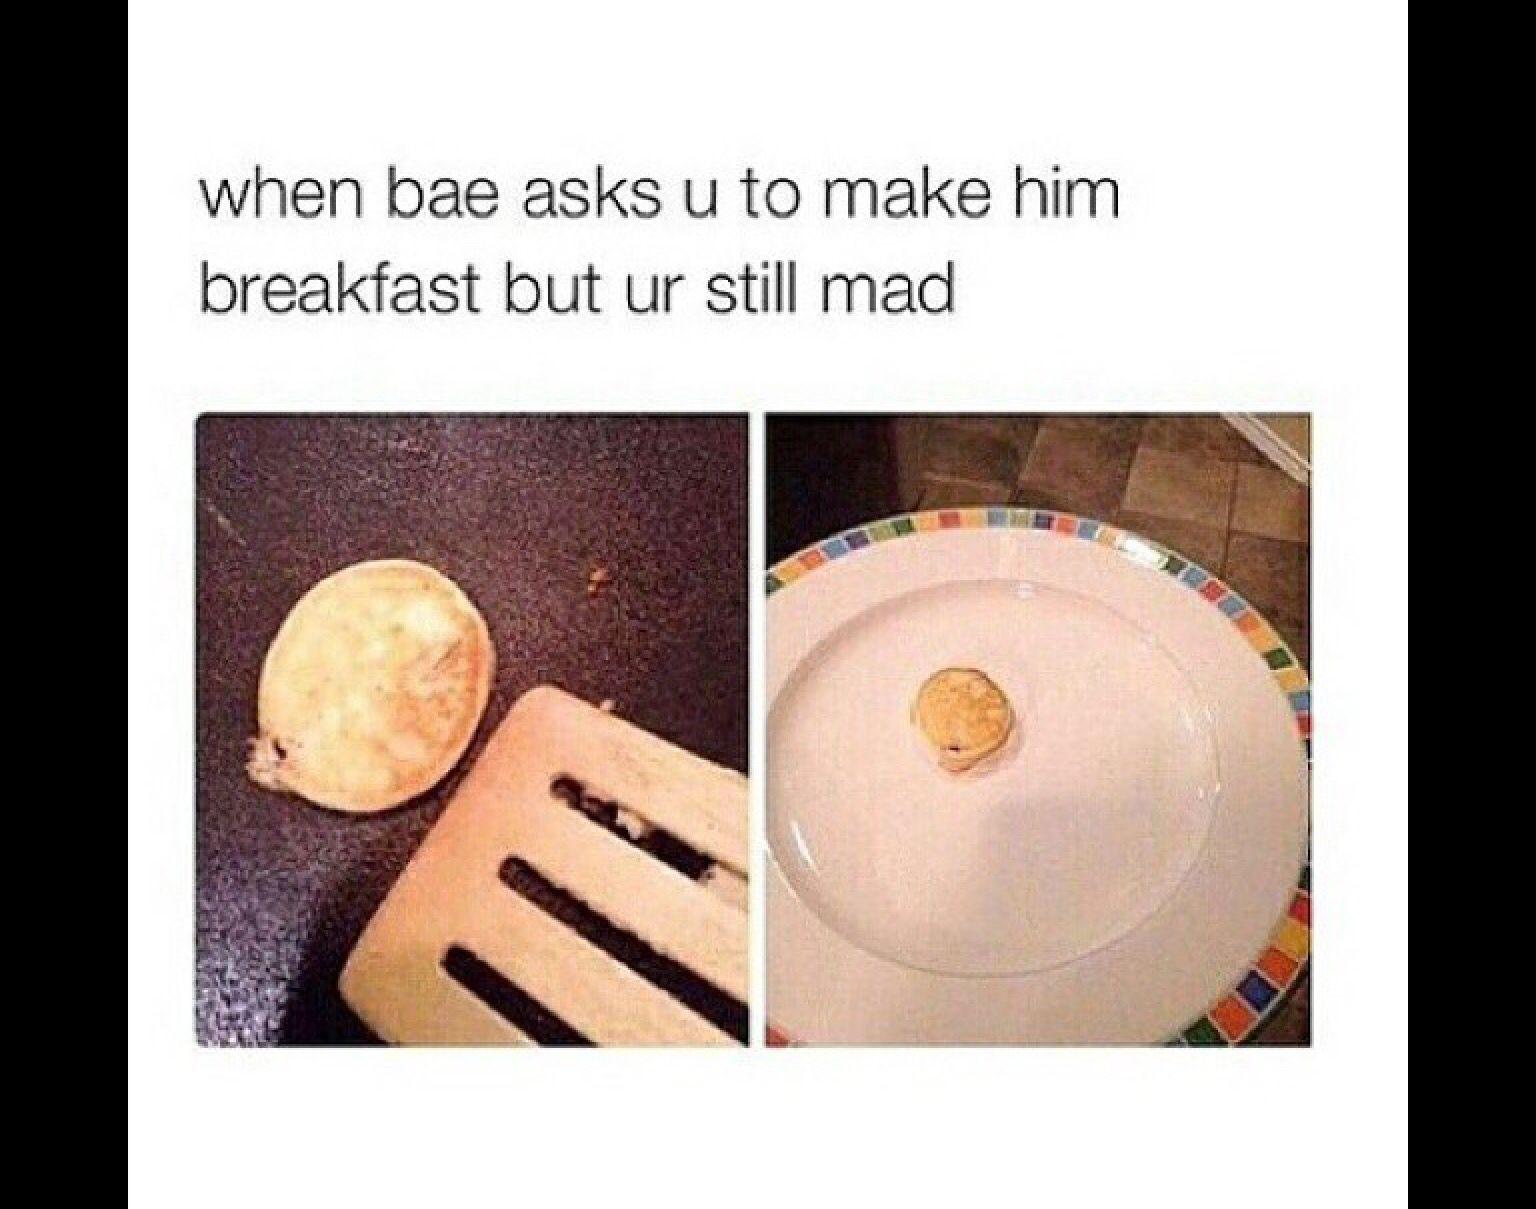 5d737c6a227a0d47e94686da722aff29 when you cook for bae but you still mad at him when bae,Still Mad Meme